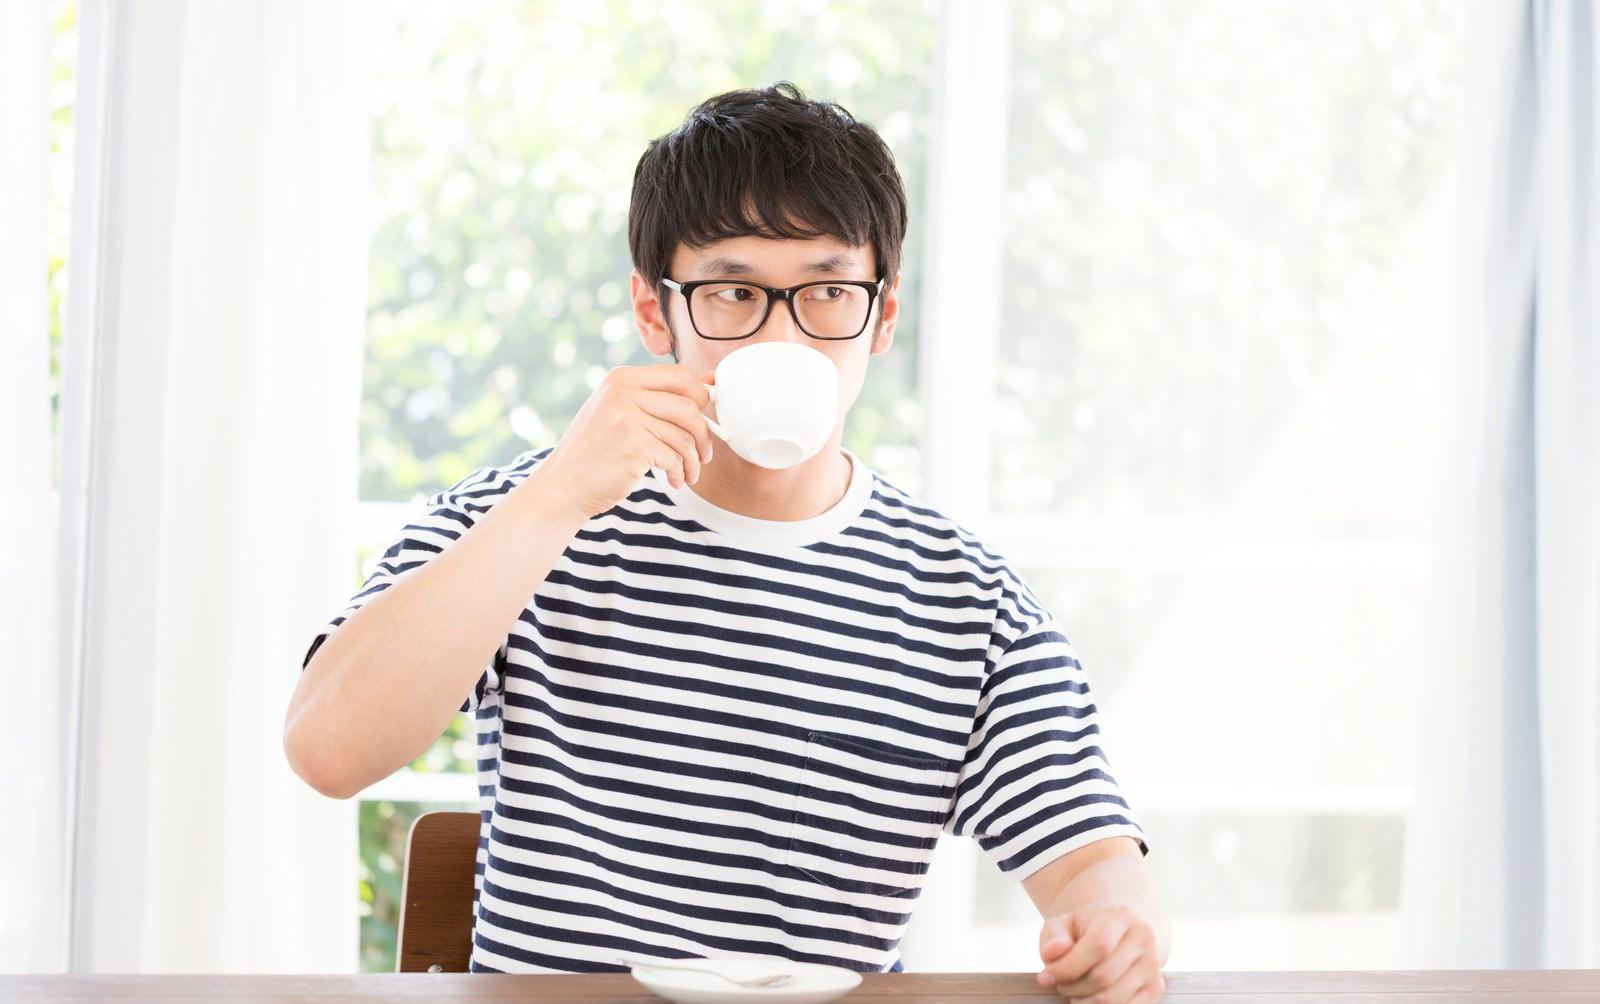 「リビングで深煎りコーヒーを飲む男性リビングで深煎りコーヒーを飲む男性」[モデル:大川竜弥]のフリー写真素材を拡大